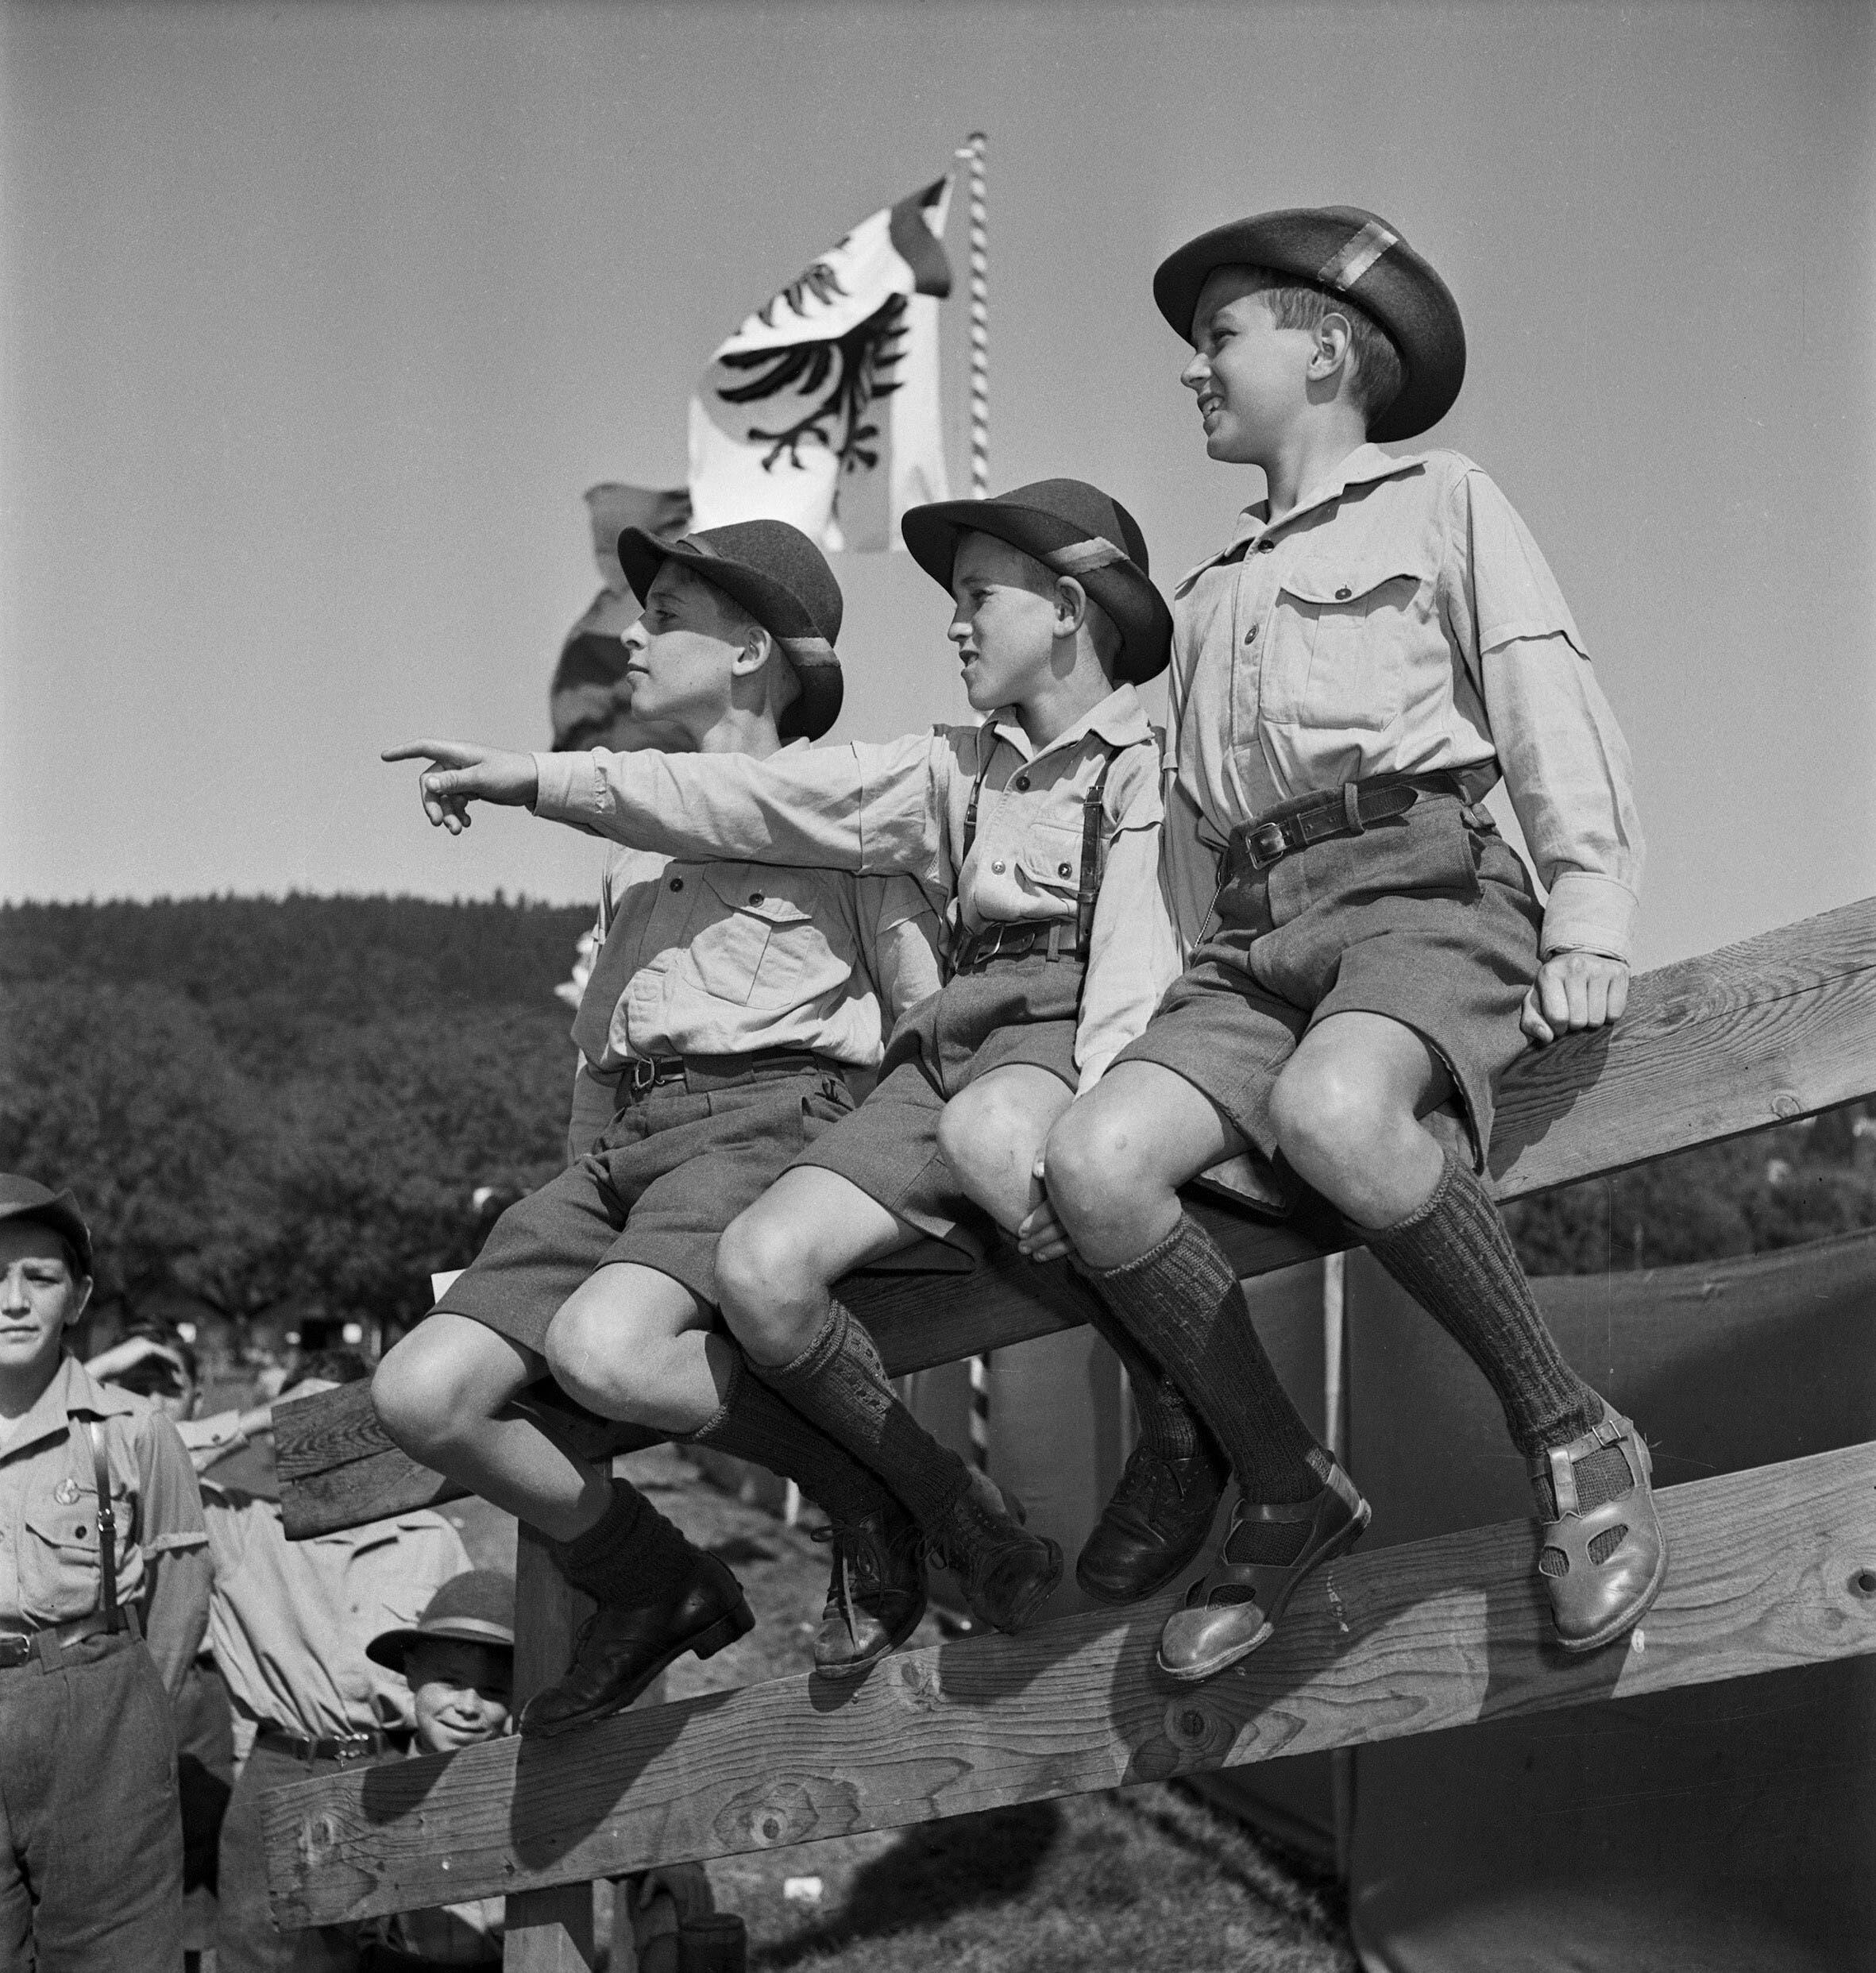 Drei Buben auf einem Geländer bei den eidgenössischen Kadettentagen in Aarau, 11.9.1949